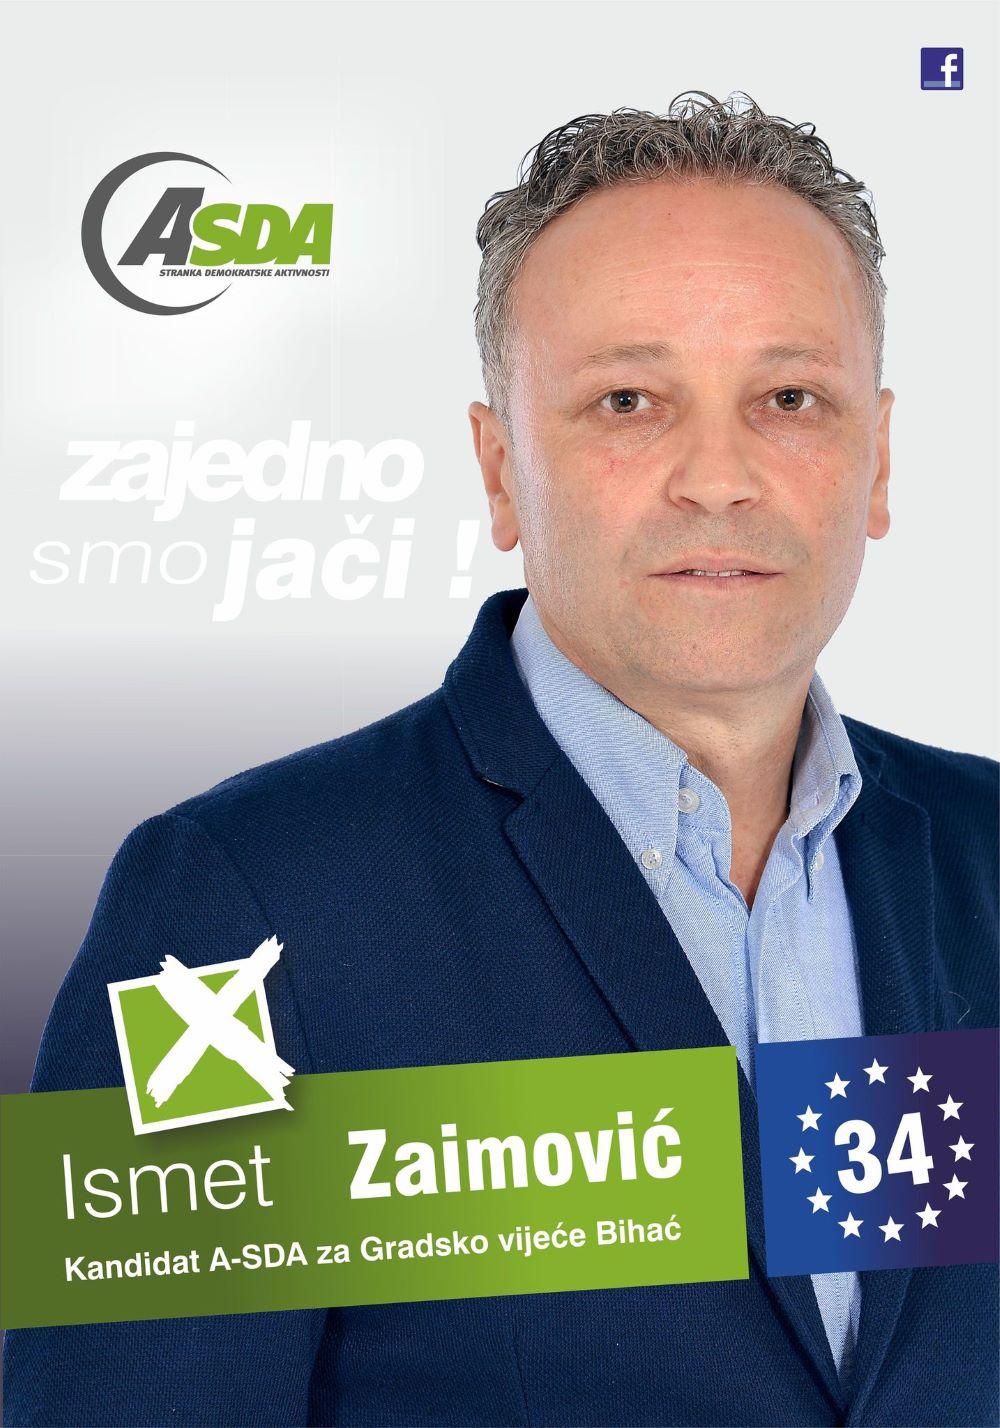 Ismet Zaimović